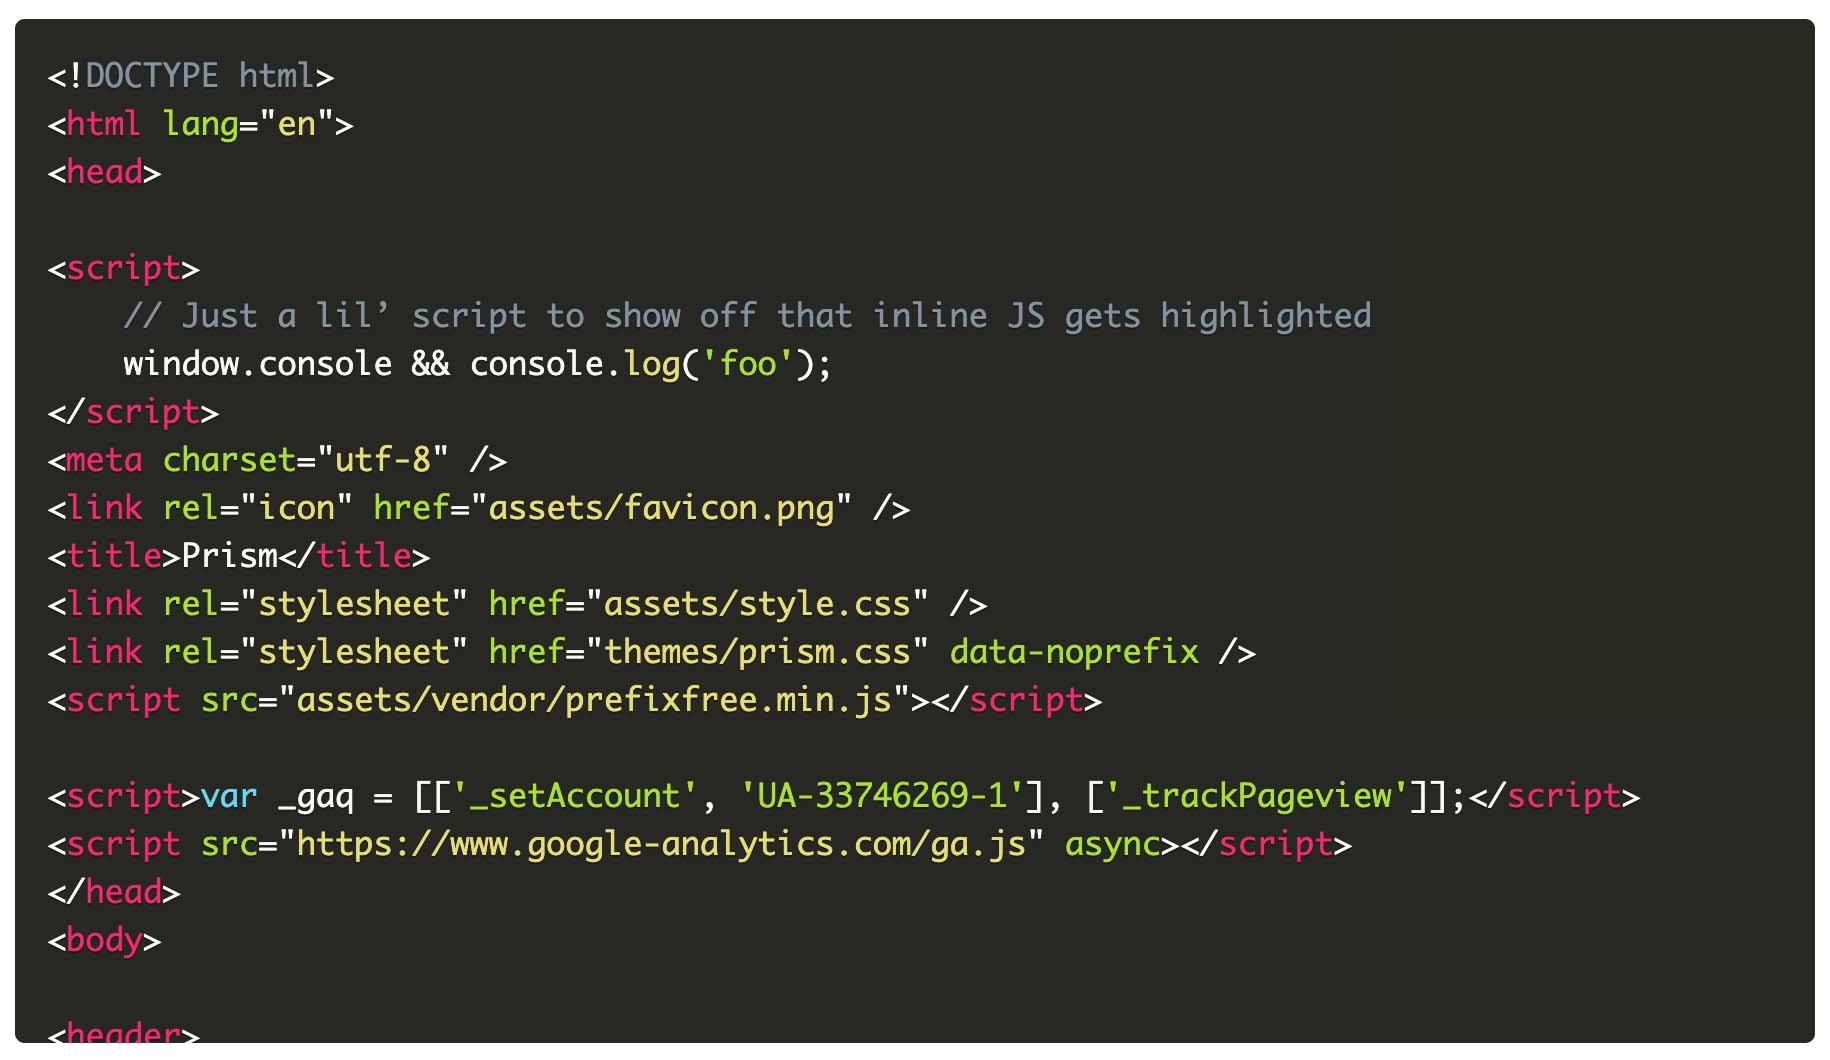 Prism.jsでOkaidiaのテーマを選択した際のコード表示